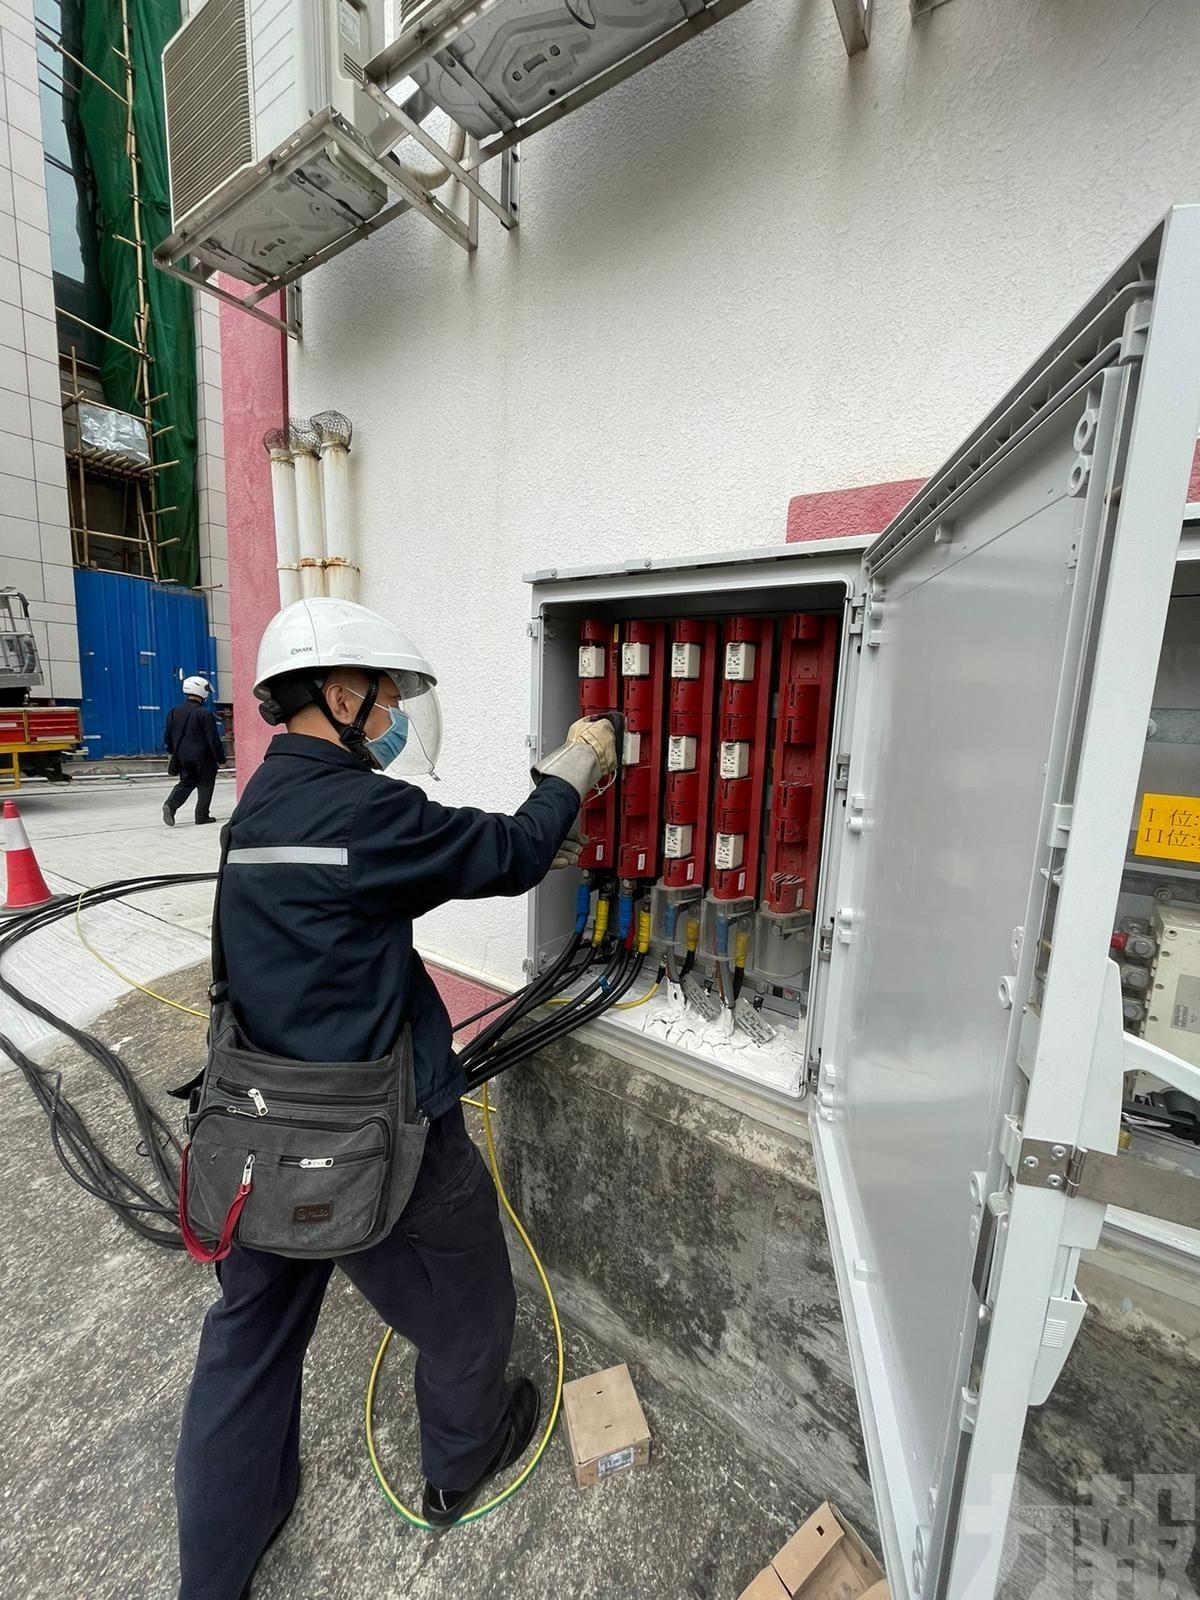 模擬斷電、颱風預報等應變工作